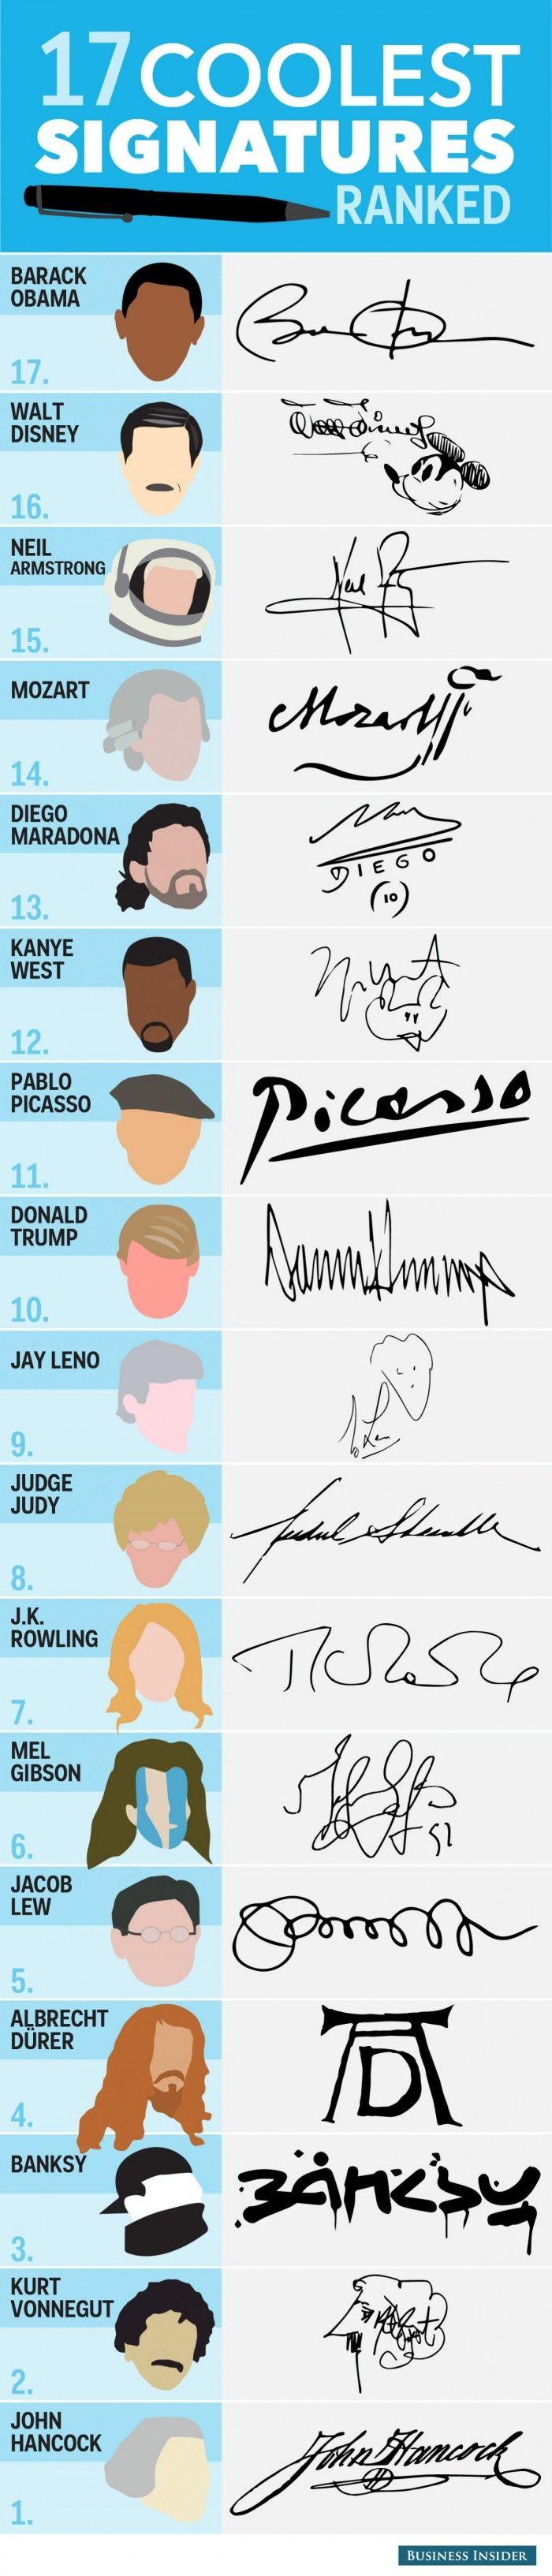 Las #firmas personales más famosas del mundo #infografia